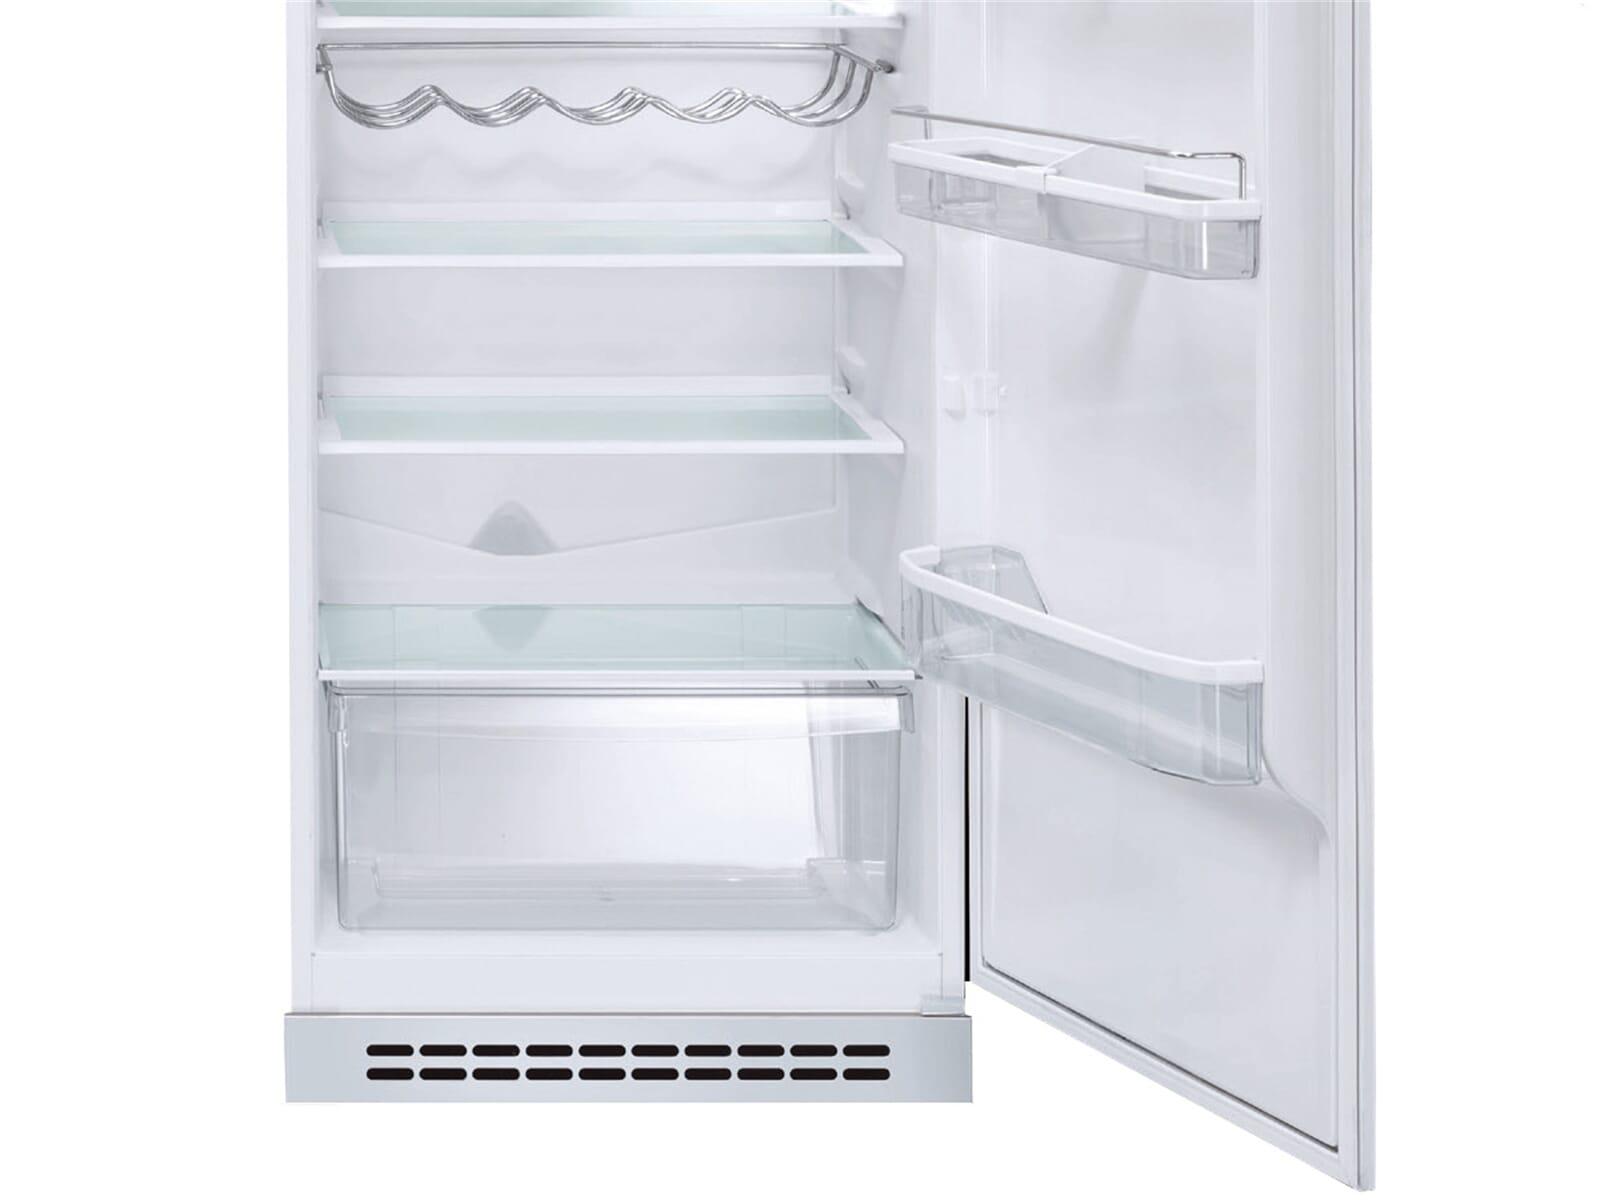 Smeg Kühlschrank Ohne Gefrierfach : Smeg kühlschrank gold grosse khlschrnke ohne gefrierfach